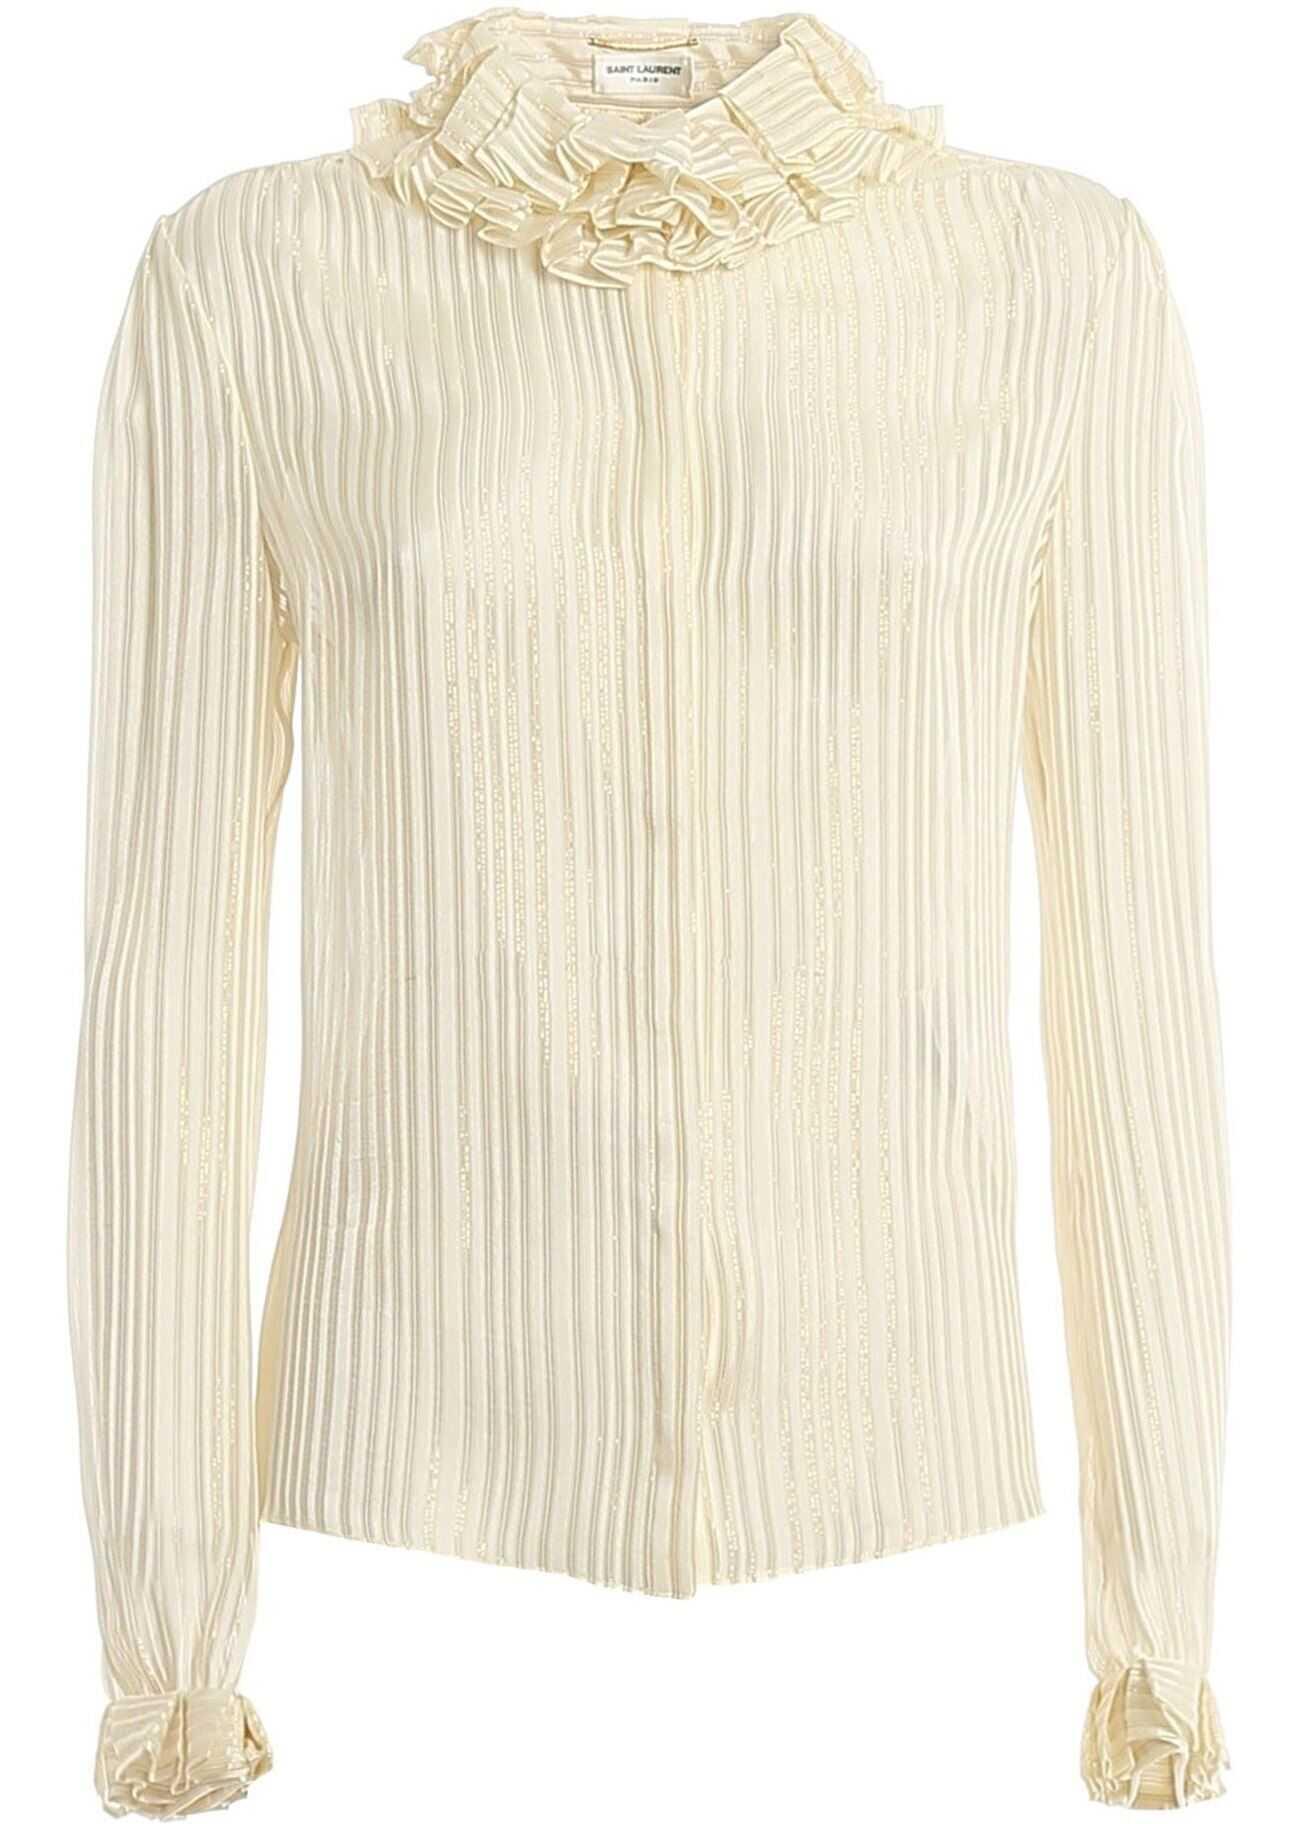 Saint Laurent Pierrot Collar Silk Shirt In Cream Color Cream